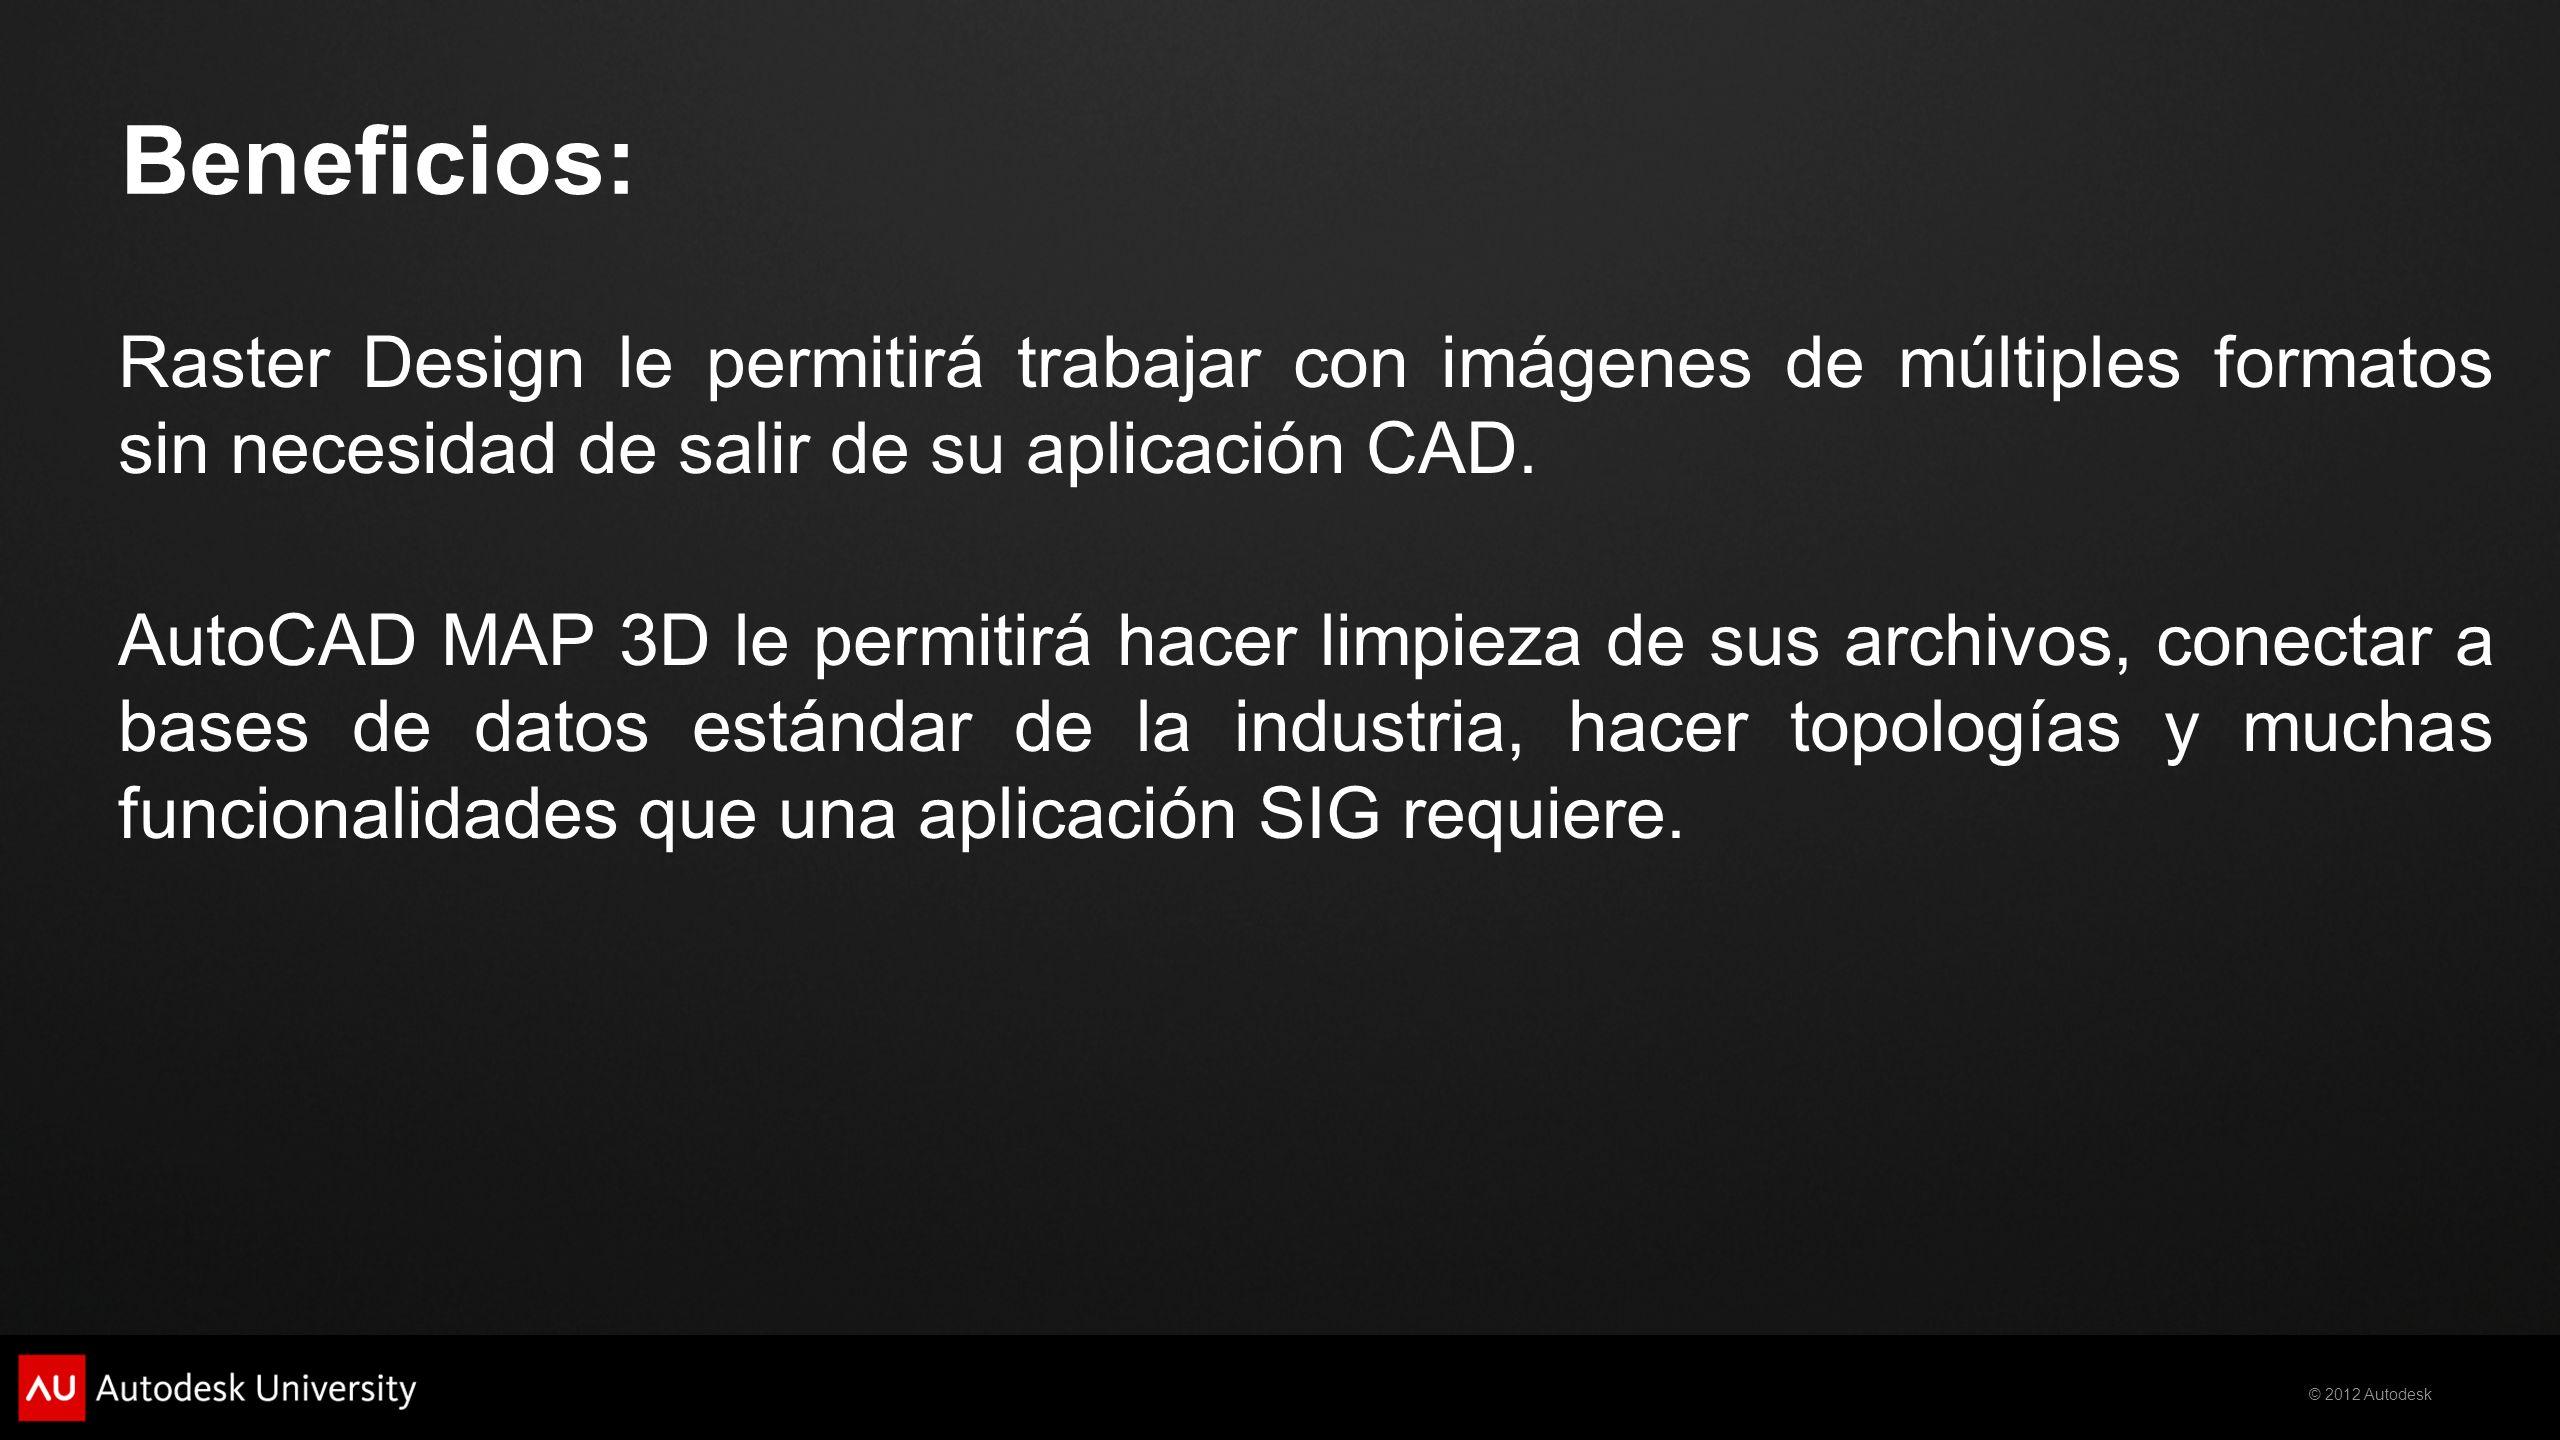 Beneficios: Raster Design le permitirá trabajar con imágenes de múltiples formatos sin necesidad de salir de su aplicación CAD.